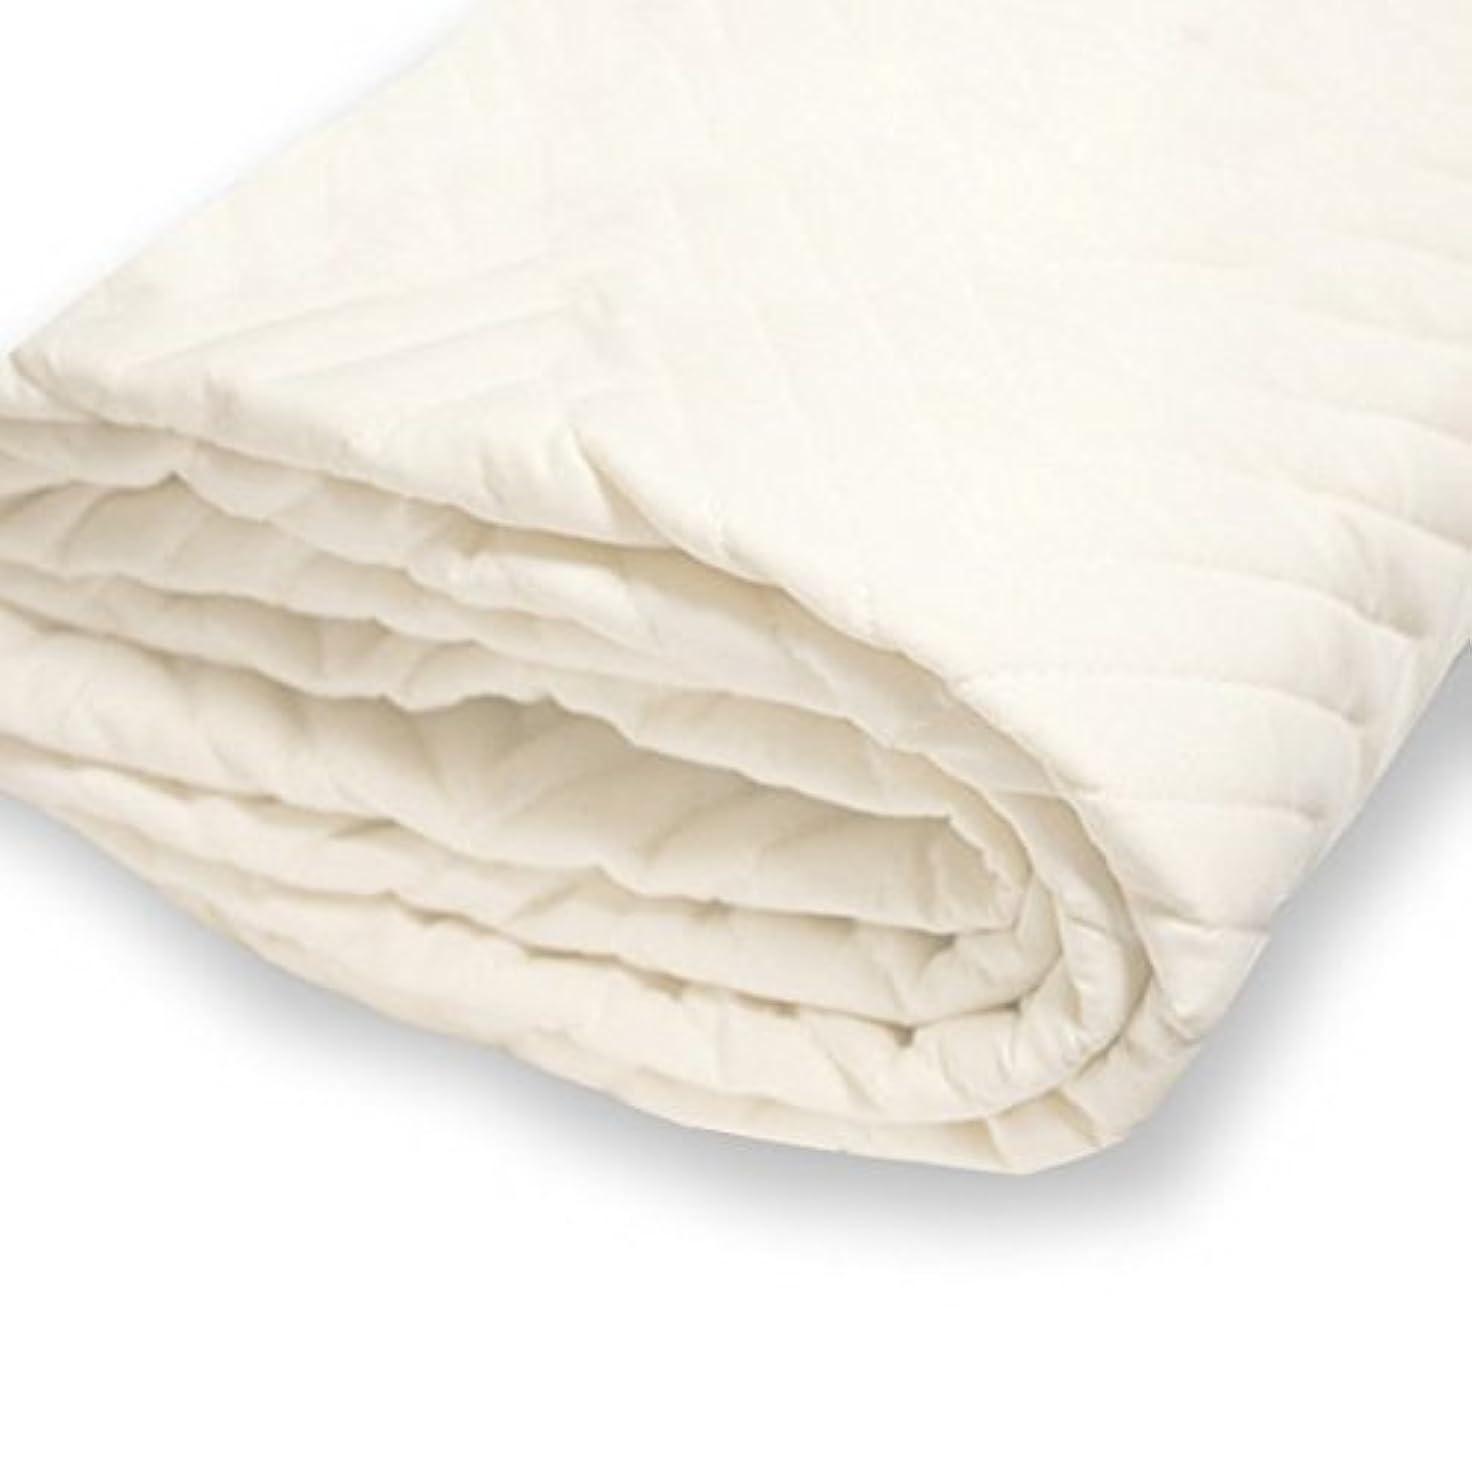 親指超越する幸運なイー?ユニット 抗菌防臭防ダニ ベッドパッド 洗い替え2枚セット マイティトップ2使用 日本製 (ファミリーサイズ 200×195)